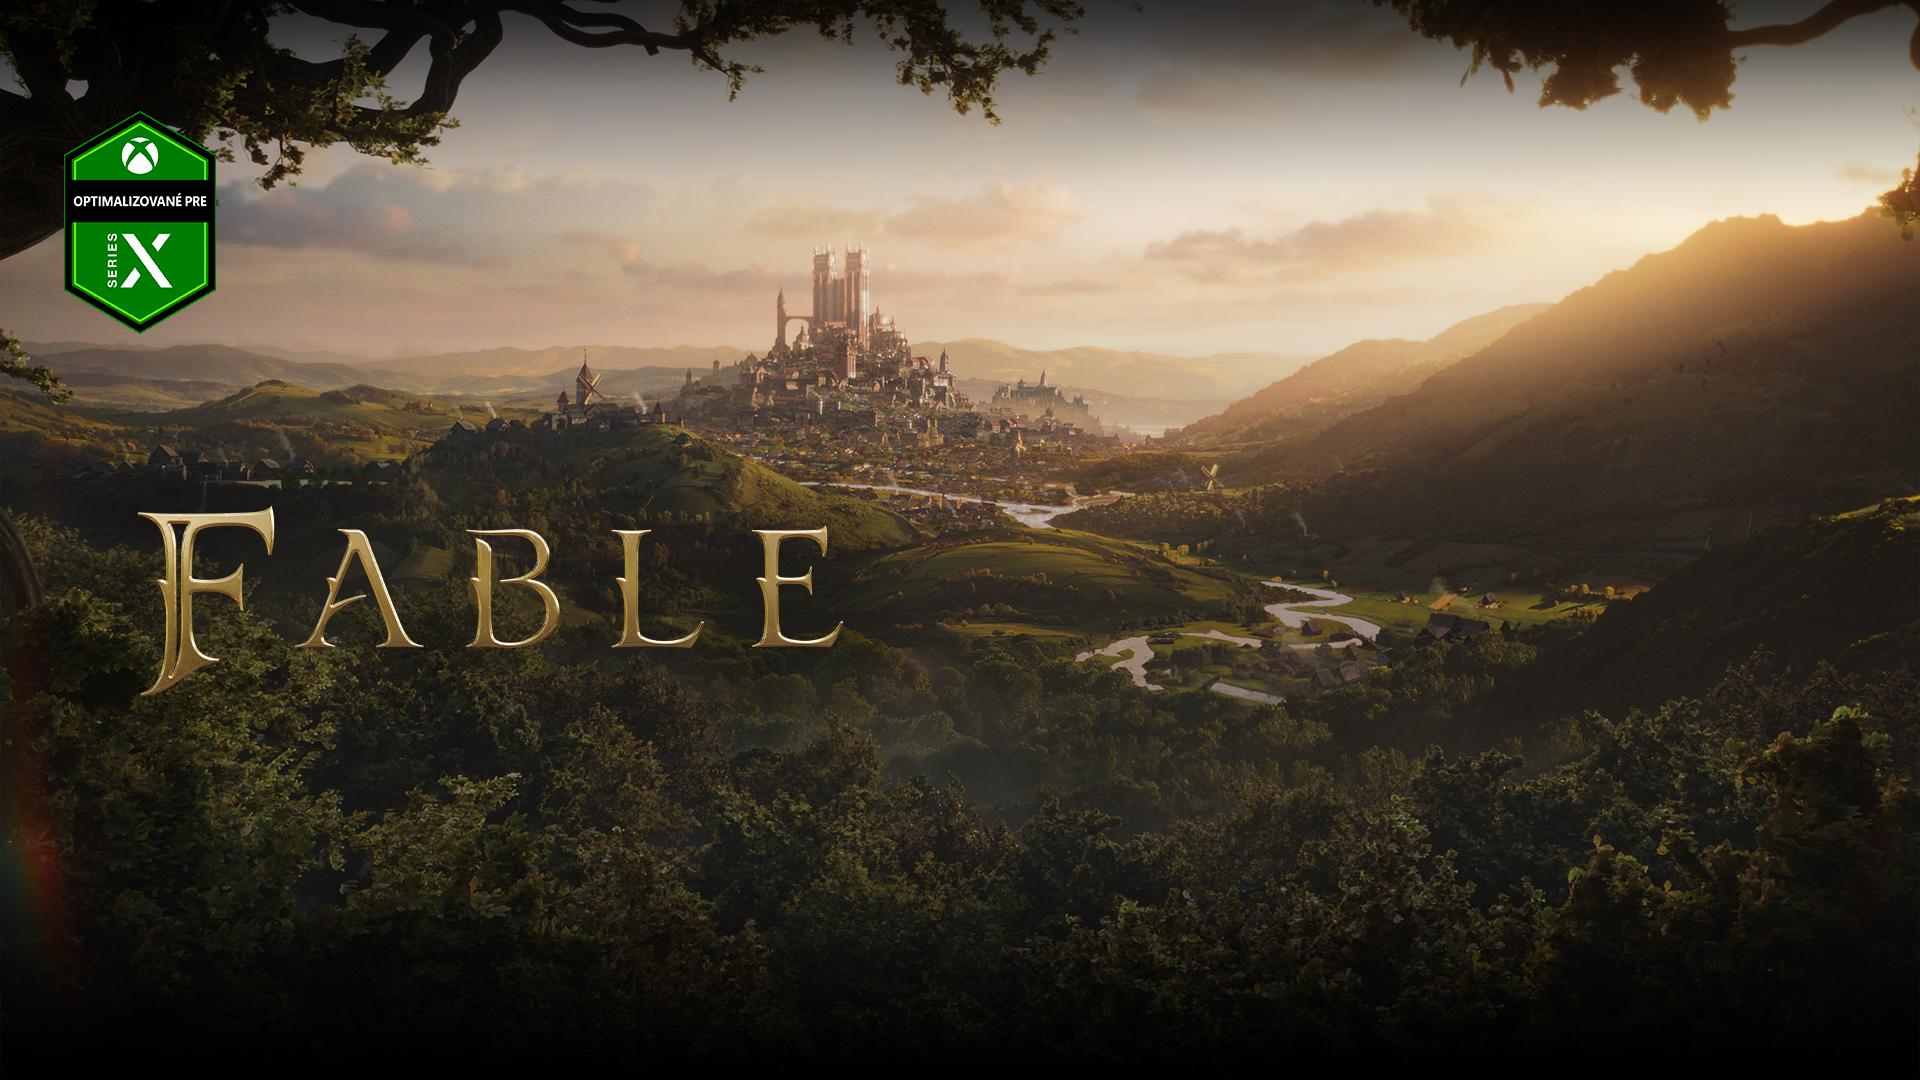 Optimalizované pre Xbox Series X logo, Fable, mesto za lesom a údoliami